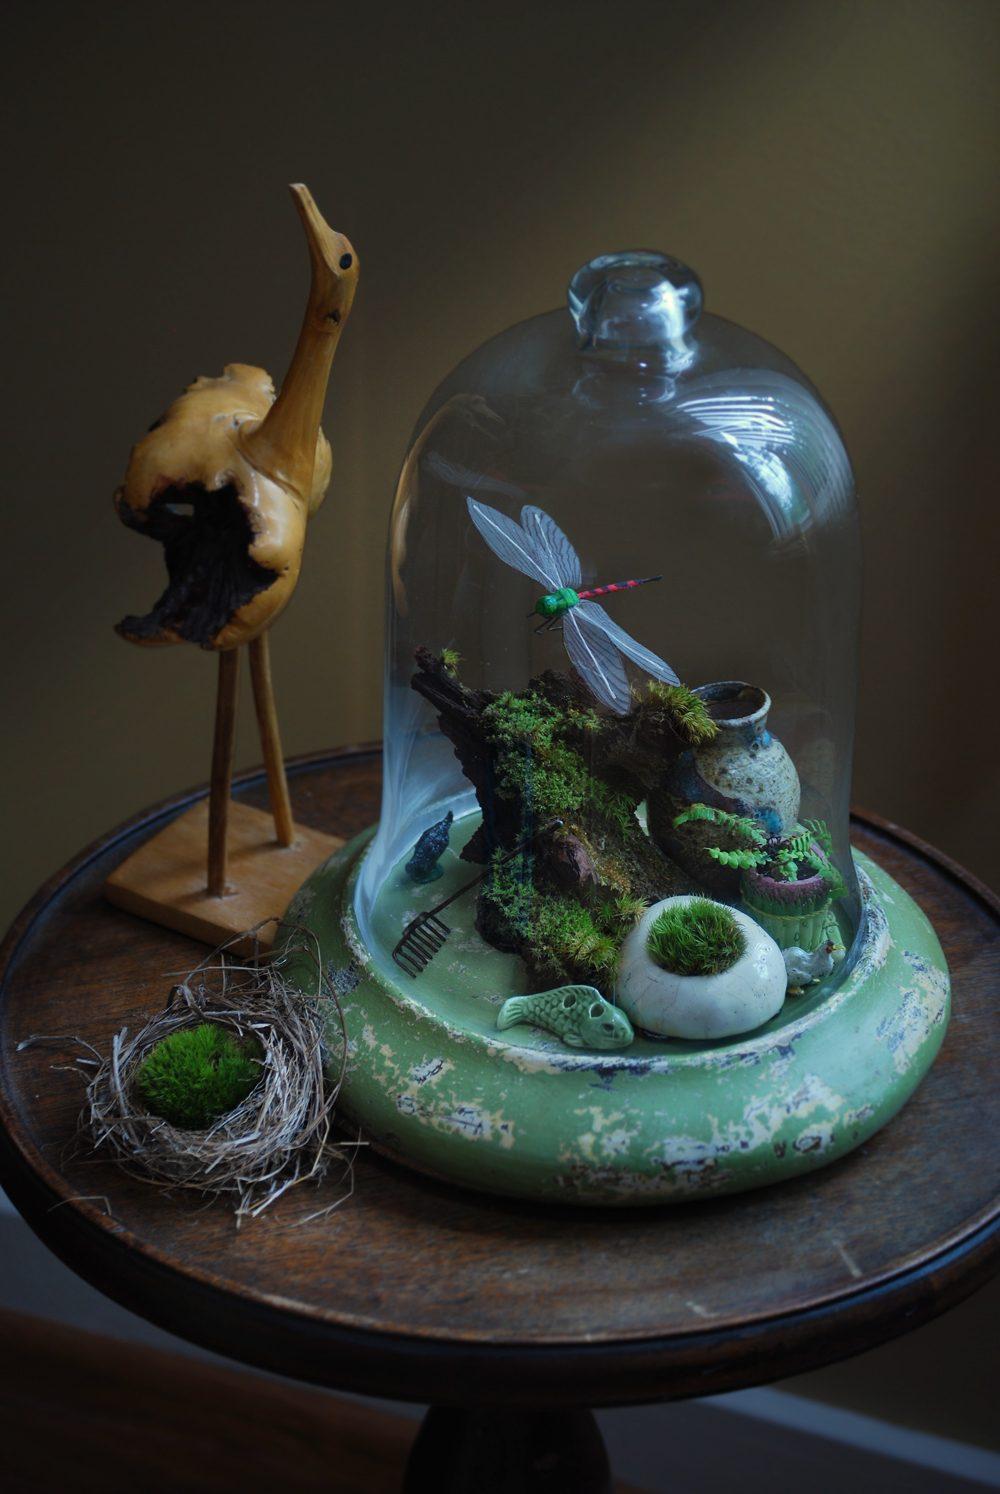 moss-cloche-moss-rocks-2439508